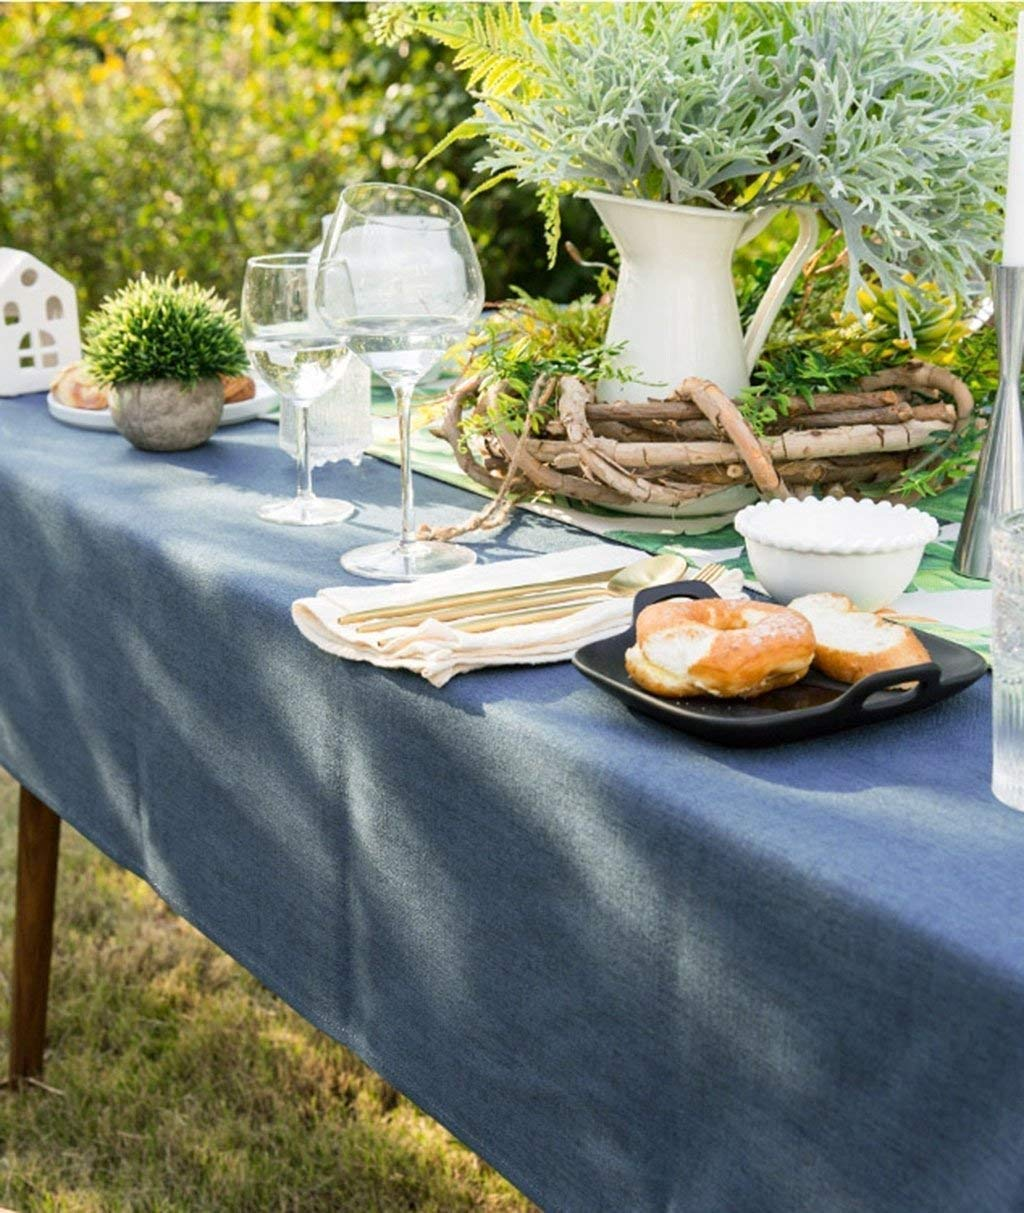 家の装飾布カバー ホームピュアカラーテーブルクロスシンプルなプレーン布アートテーブルクロス綿とリネン小さな新鮮な長方形コーヒーテーブル テーブルクロス   B07RWLKQZZ